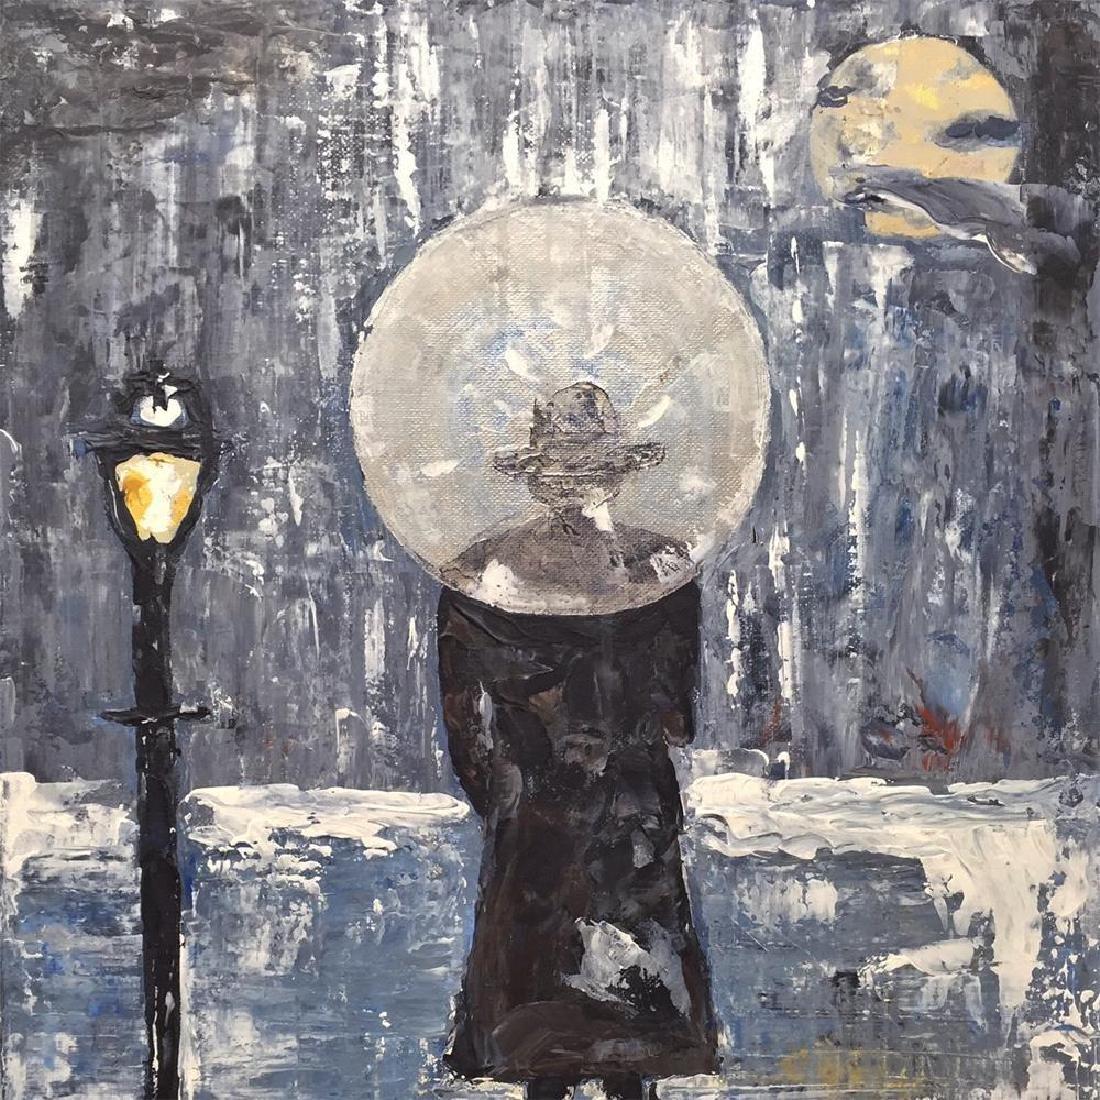 Paris Evening Rain Umbrella Original Painting Acrylic - 3